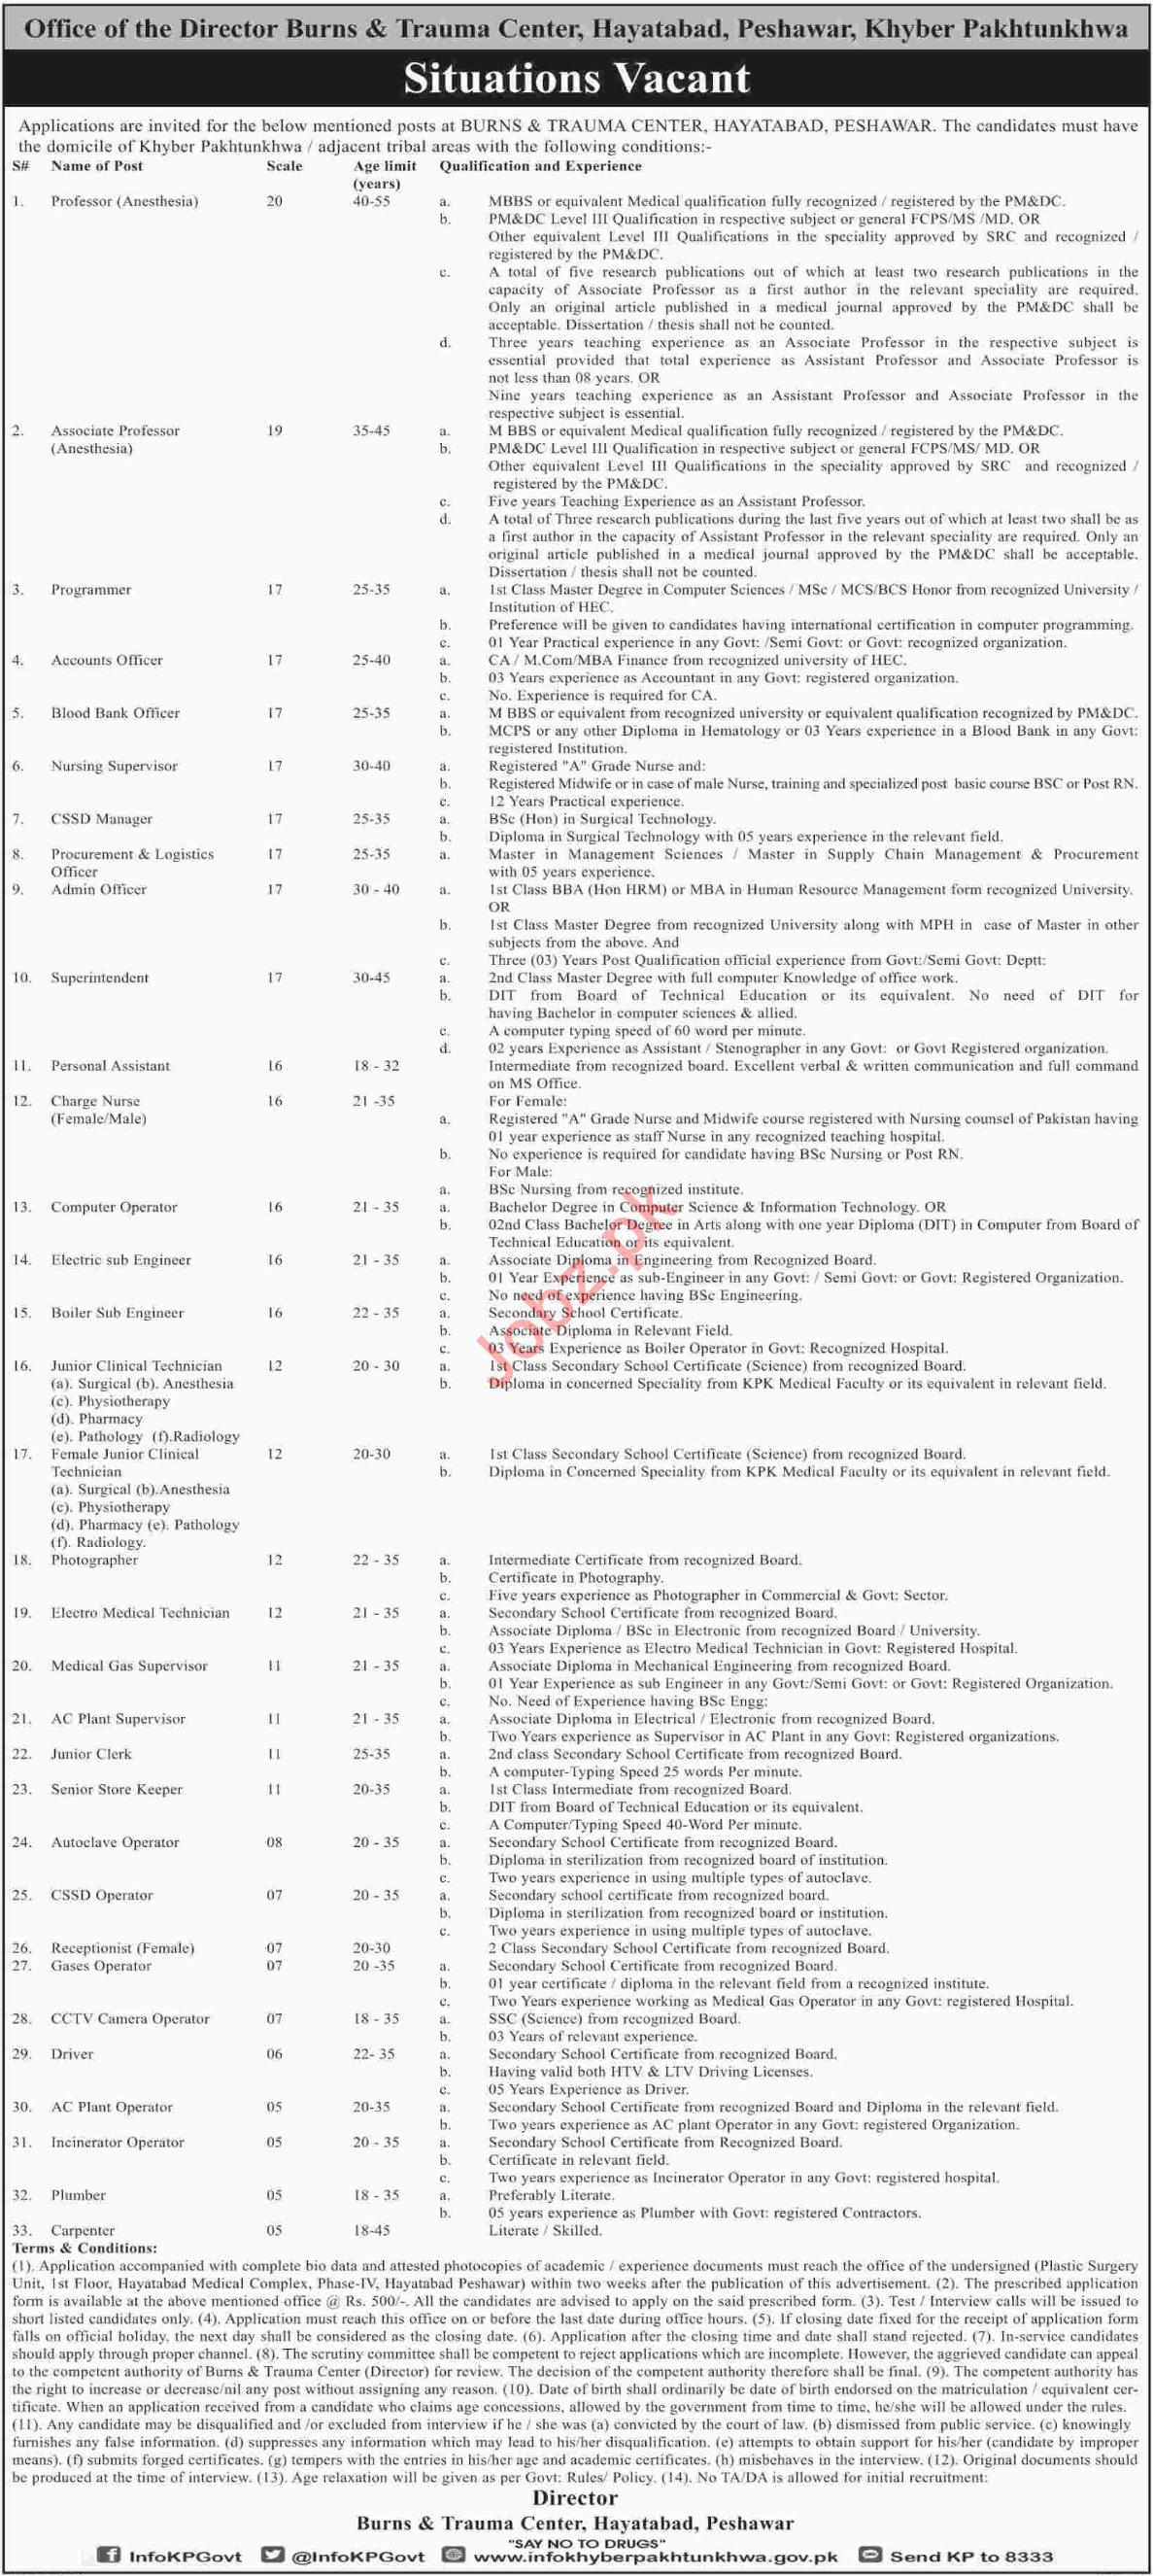 Burns & Trauma Center Hayatabad Peshawar Jobs 2018